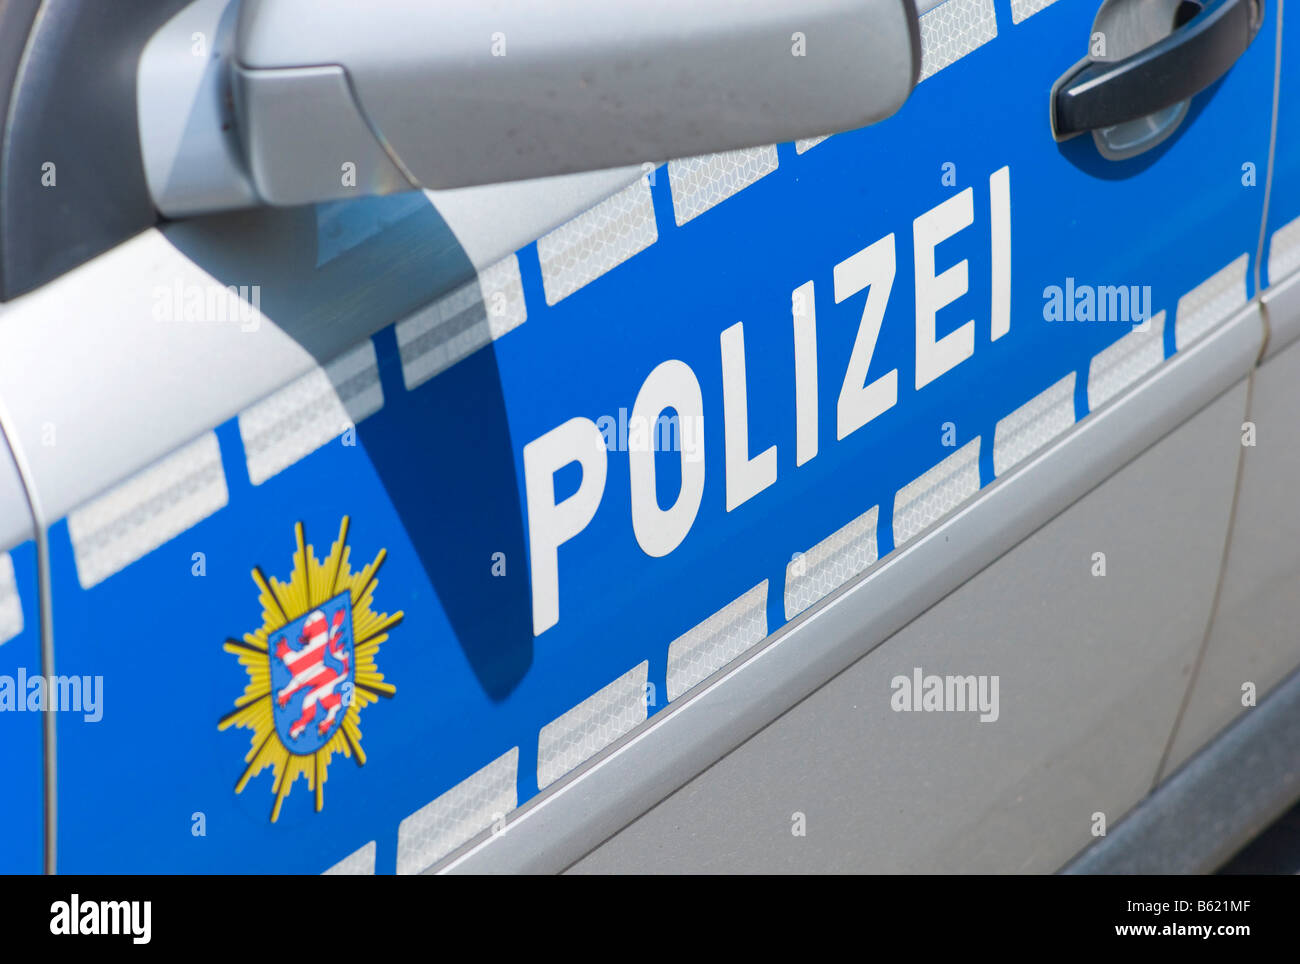 Polizei in Lettern auf einem Polizei Auto, Deutschland, Europa Stockbild